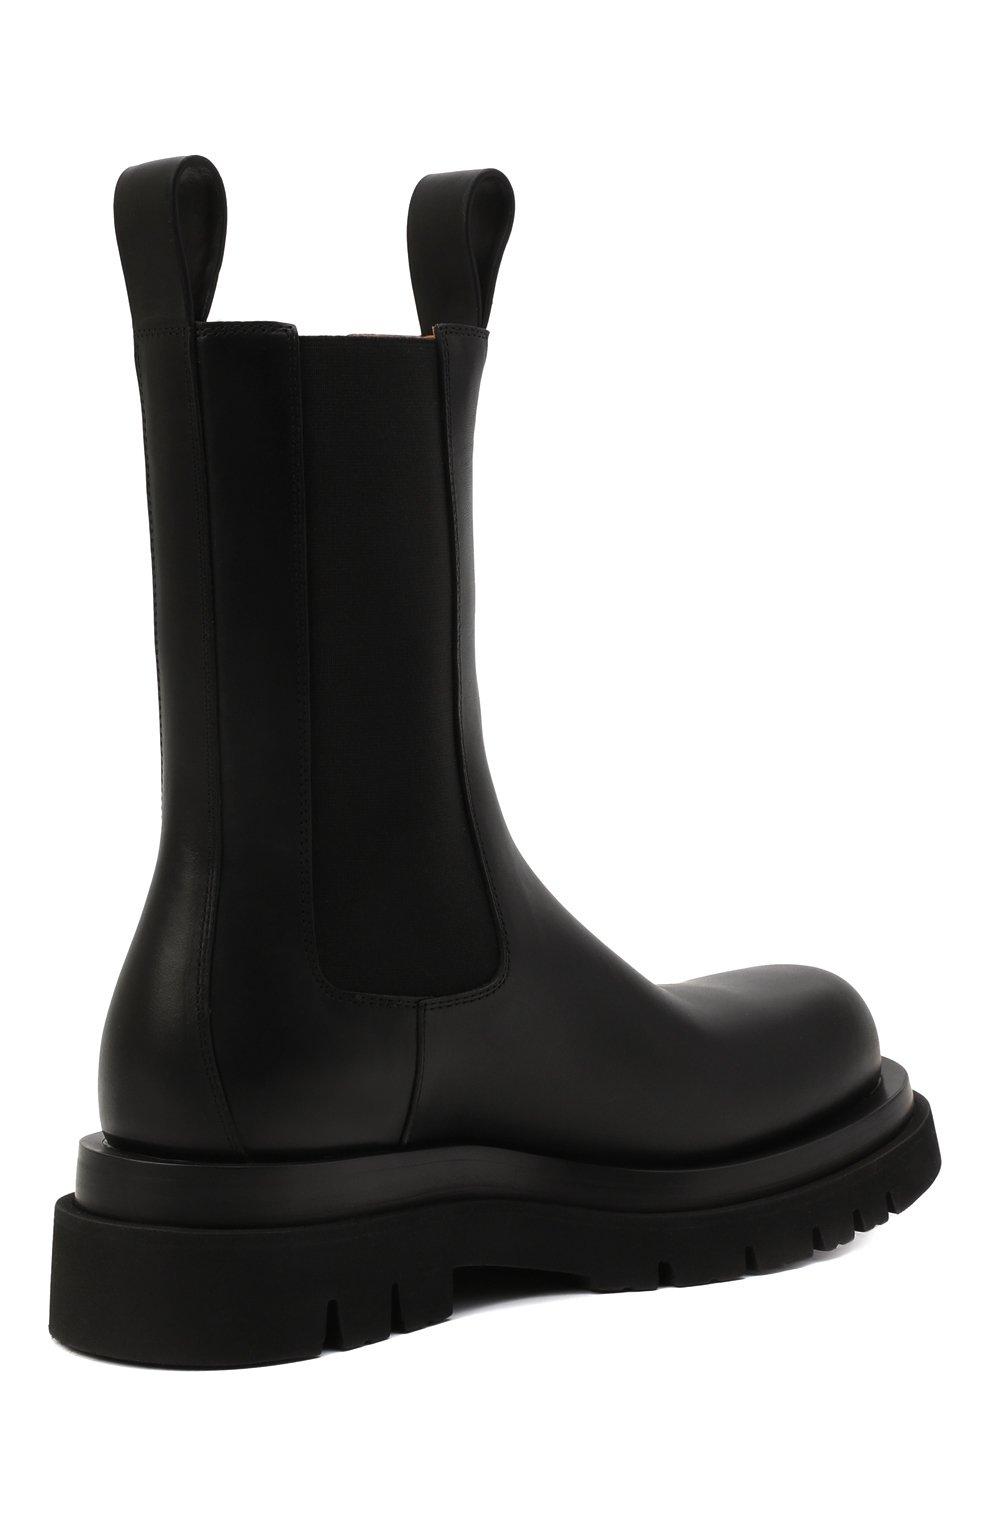 Мужские кожаные челси lug BOTTEGA VENETA черного цвета, арт. 592081/VIFH0 | Фото 5 (Каблук высота: Высокий; Высота голенища: Высокие; Материал внутренний: Натуральная кожа; Подошва: Массивная; Мужское Кросс-КТ: Сапоги-обувь, Челси-обувь; Статус проверки: Проверена категория)